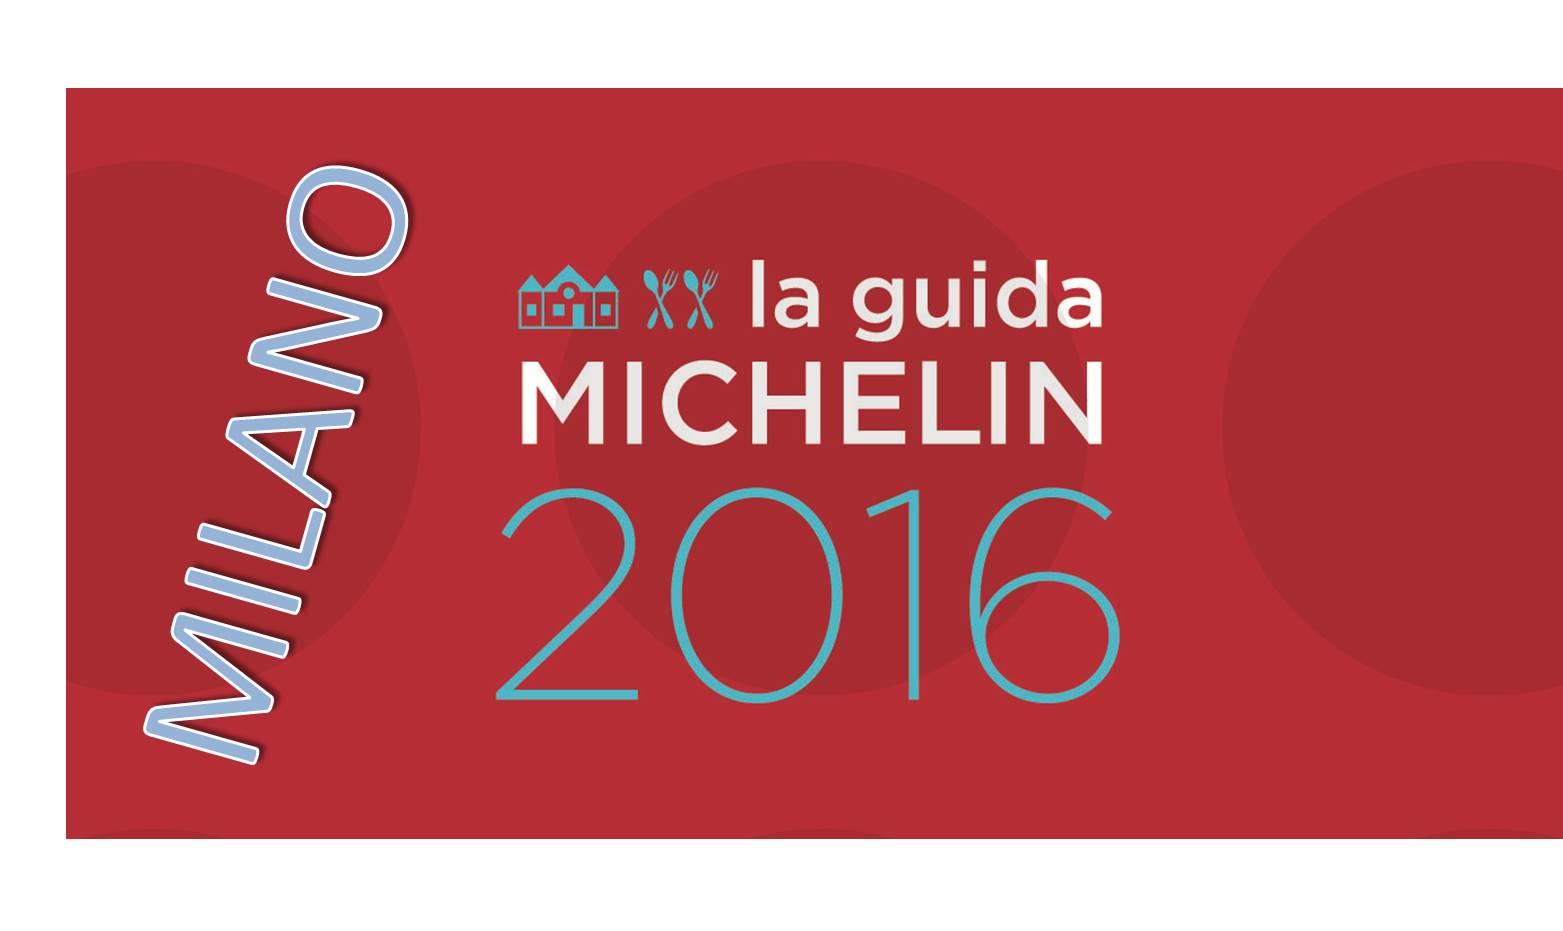 Migliori ristoranti Michelin 2016 a Milano